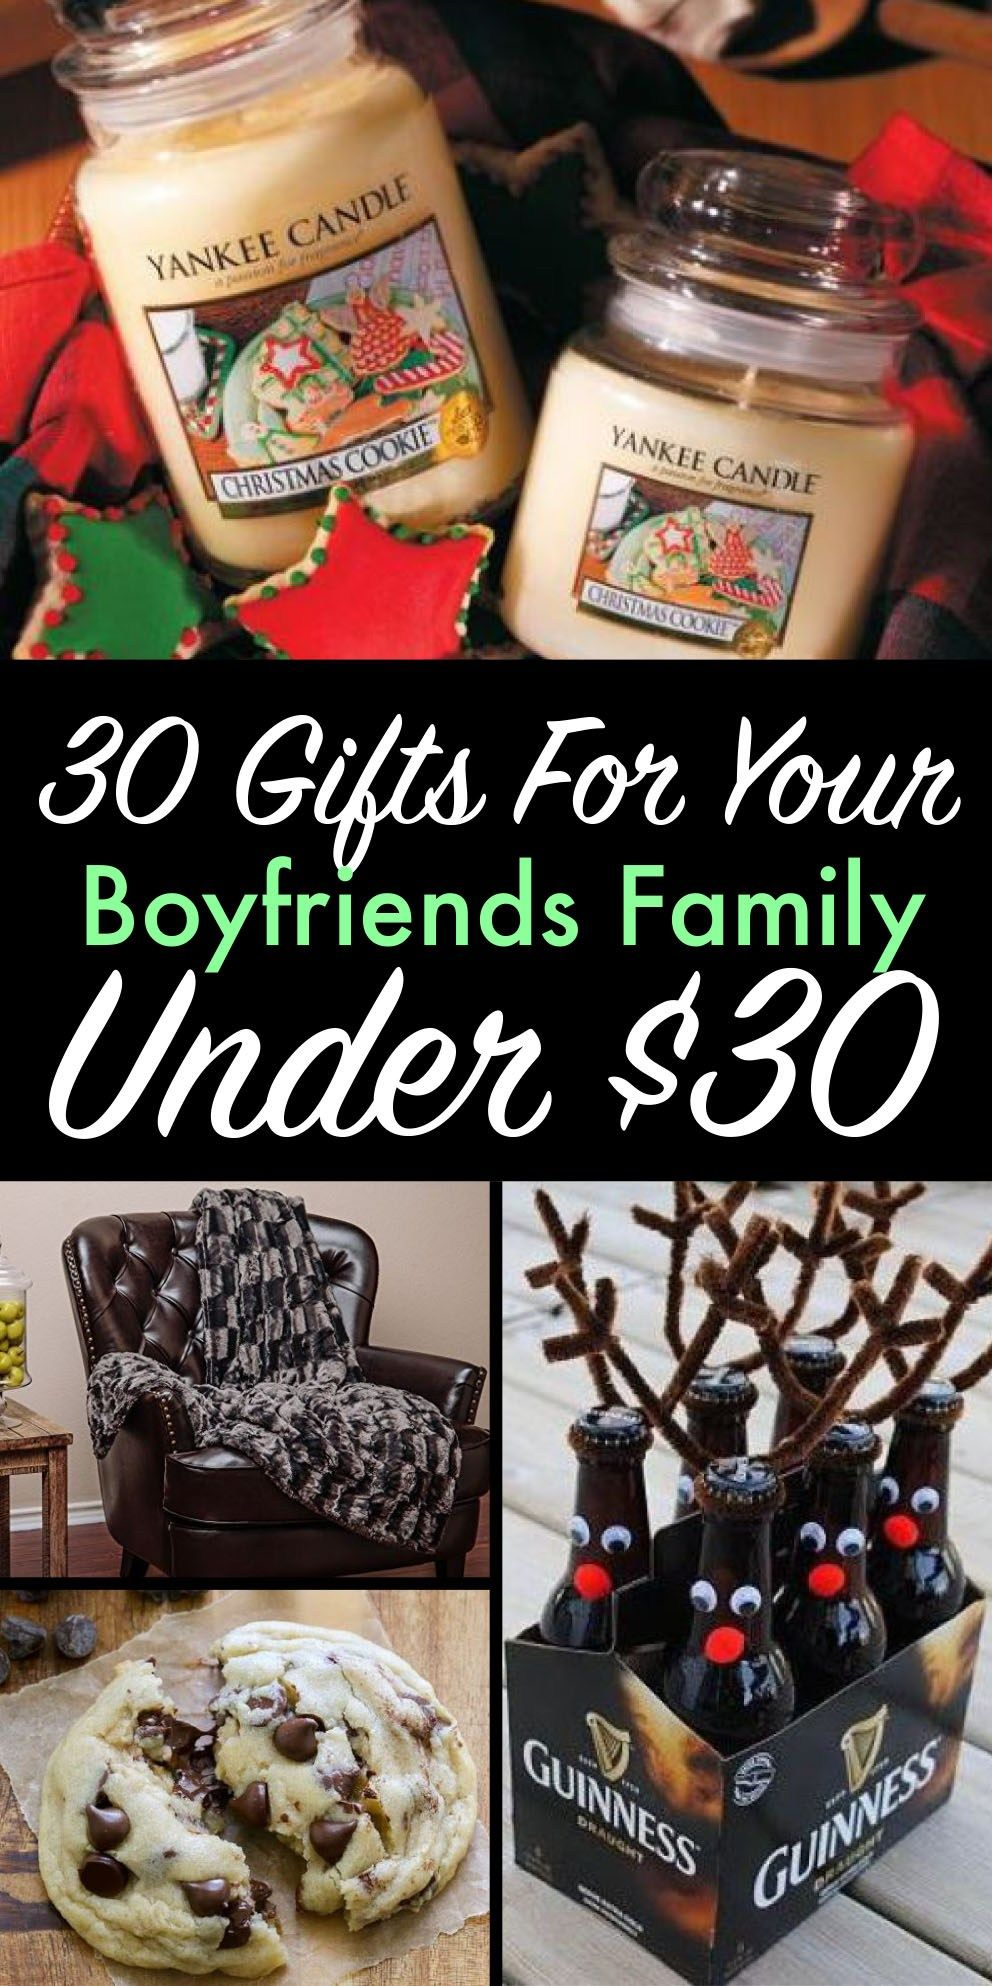 Gifts For Your Boyfriend's Family Under 30 Boyfriend